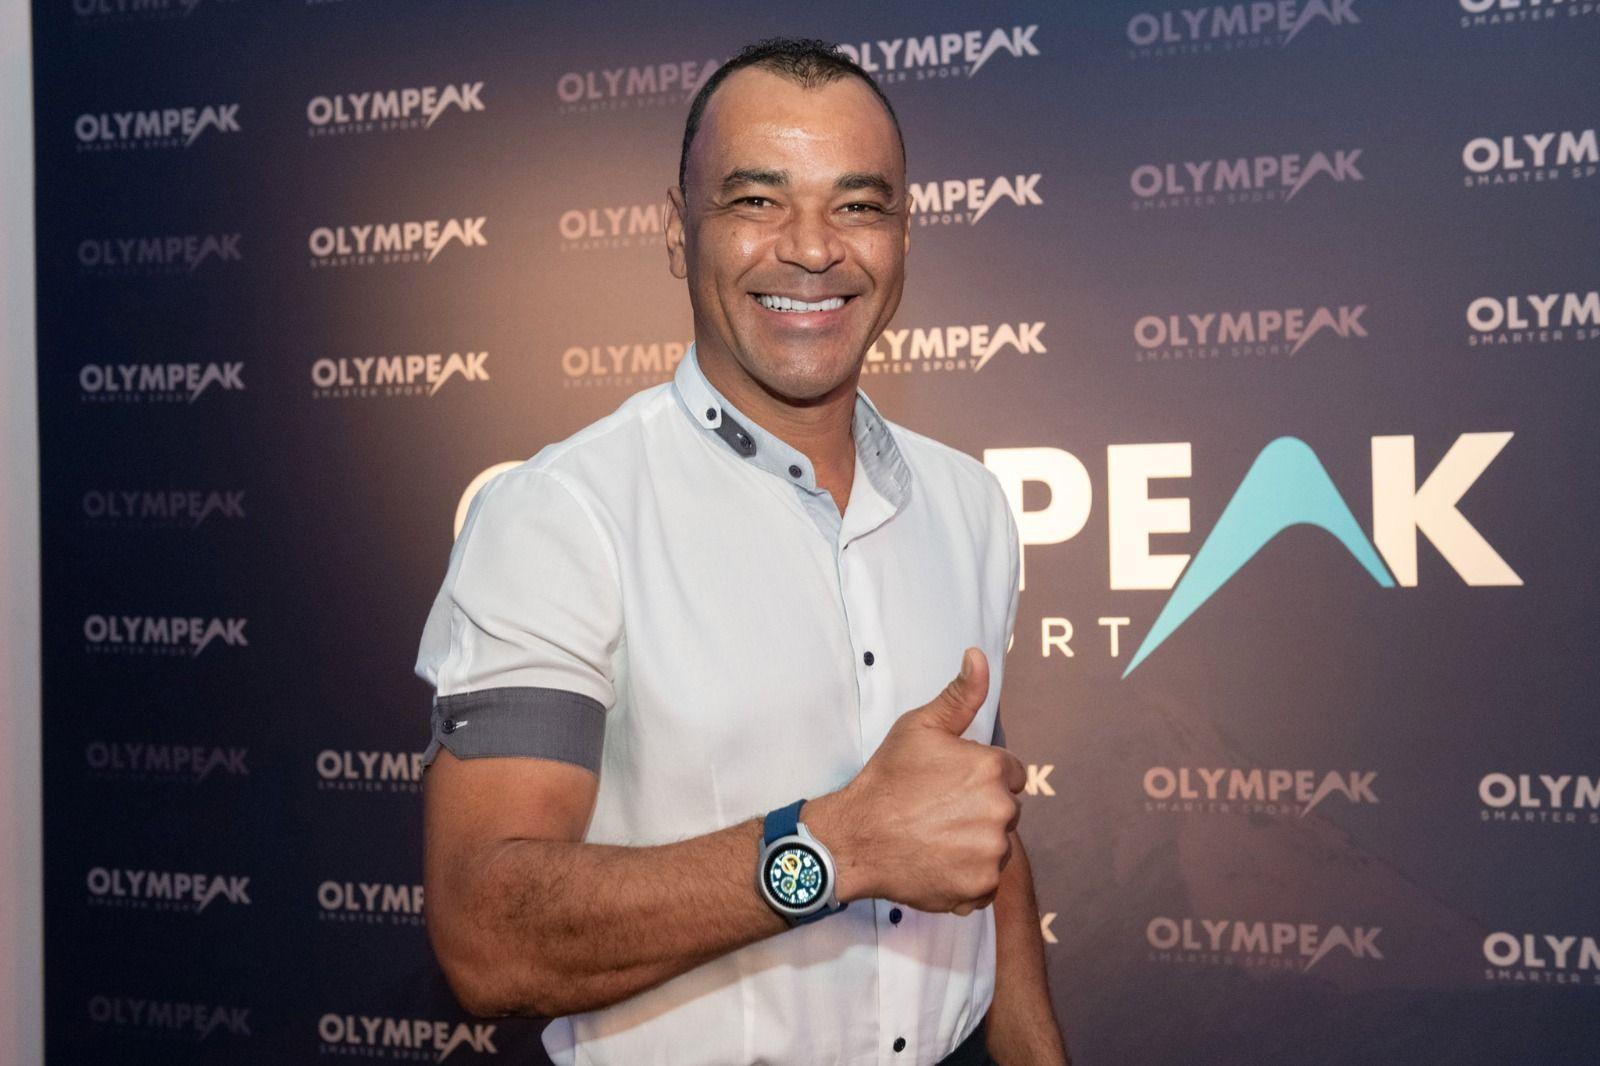 Olympeak